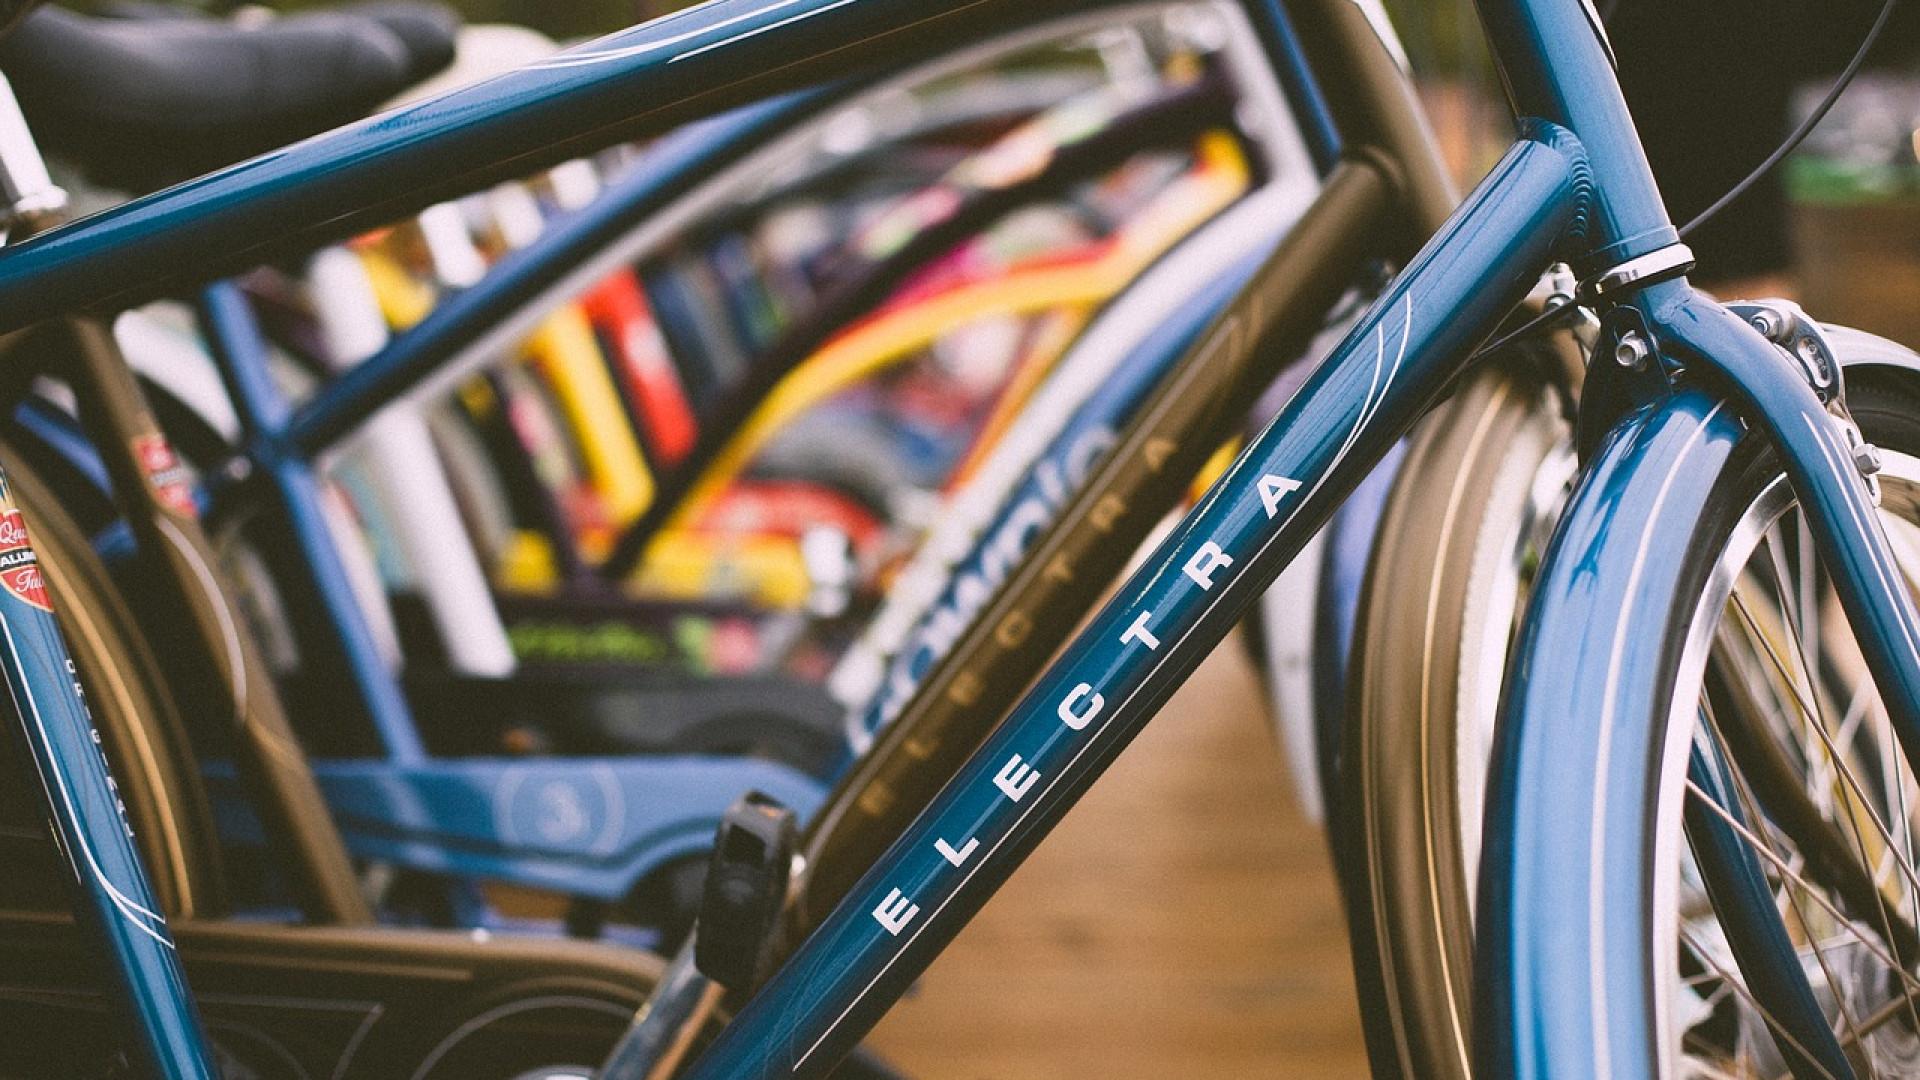 Subvention pour l'achat du vélo électrique : les modifications pour 2018